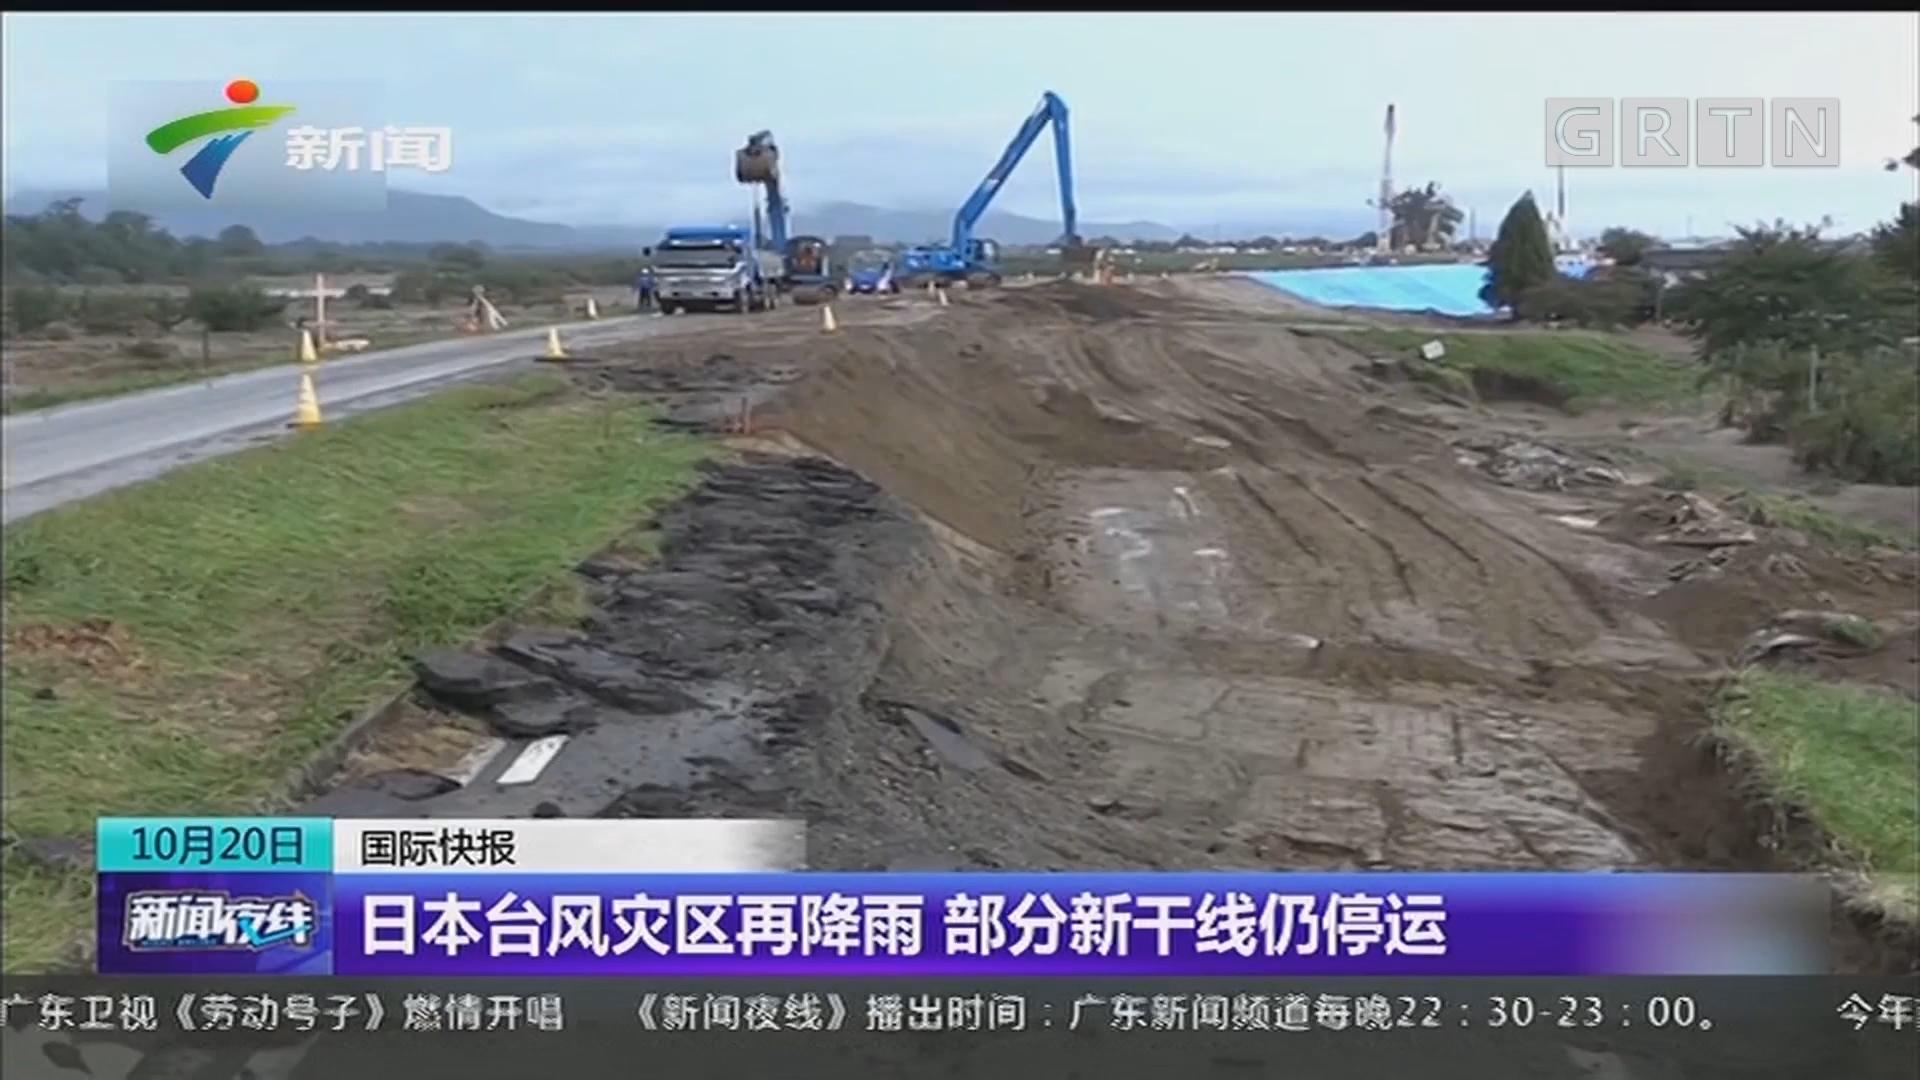 日本台风灾区再降雨 部分新干线仍停运